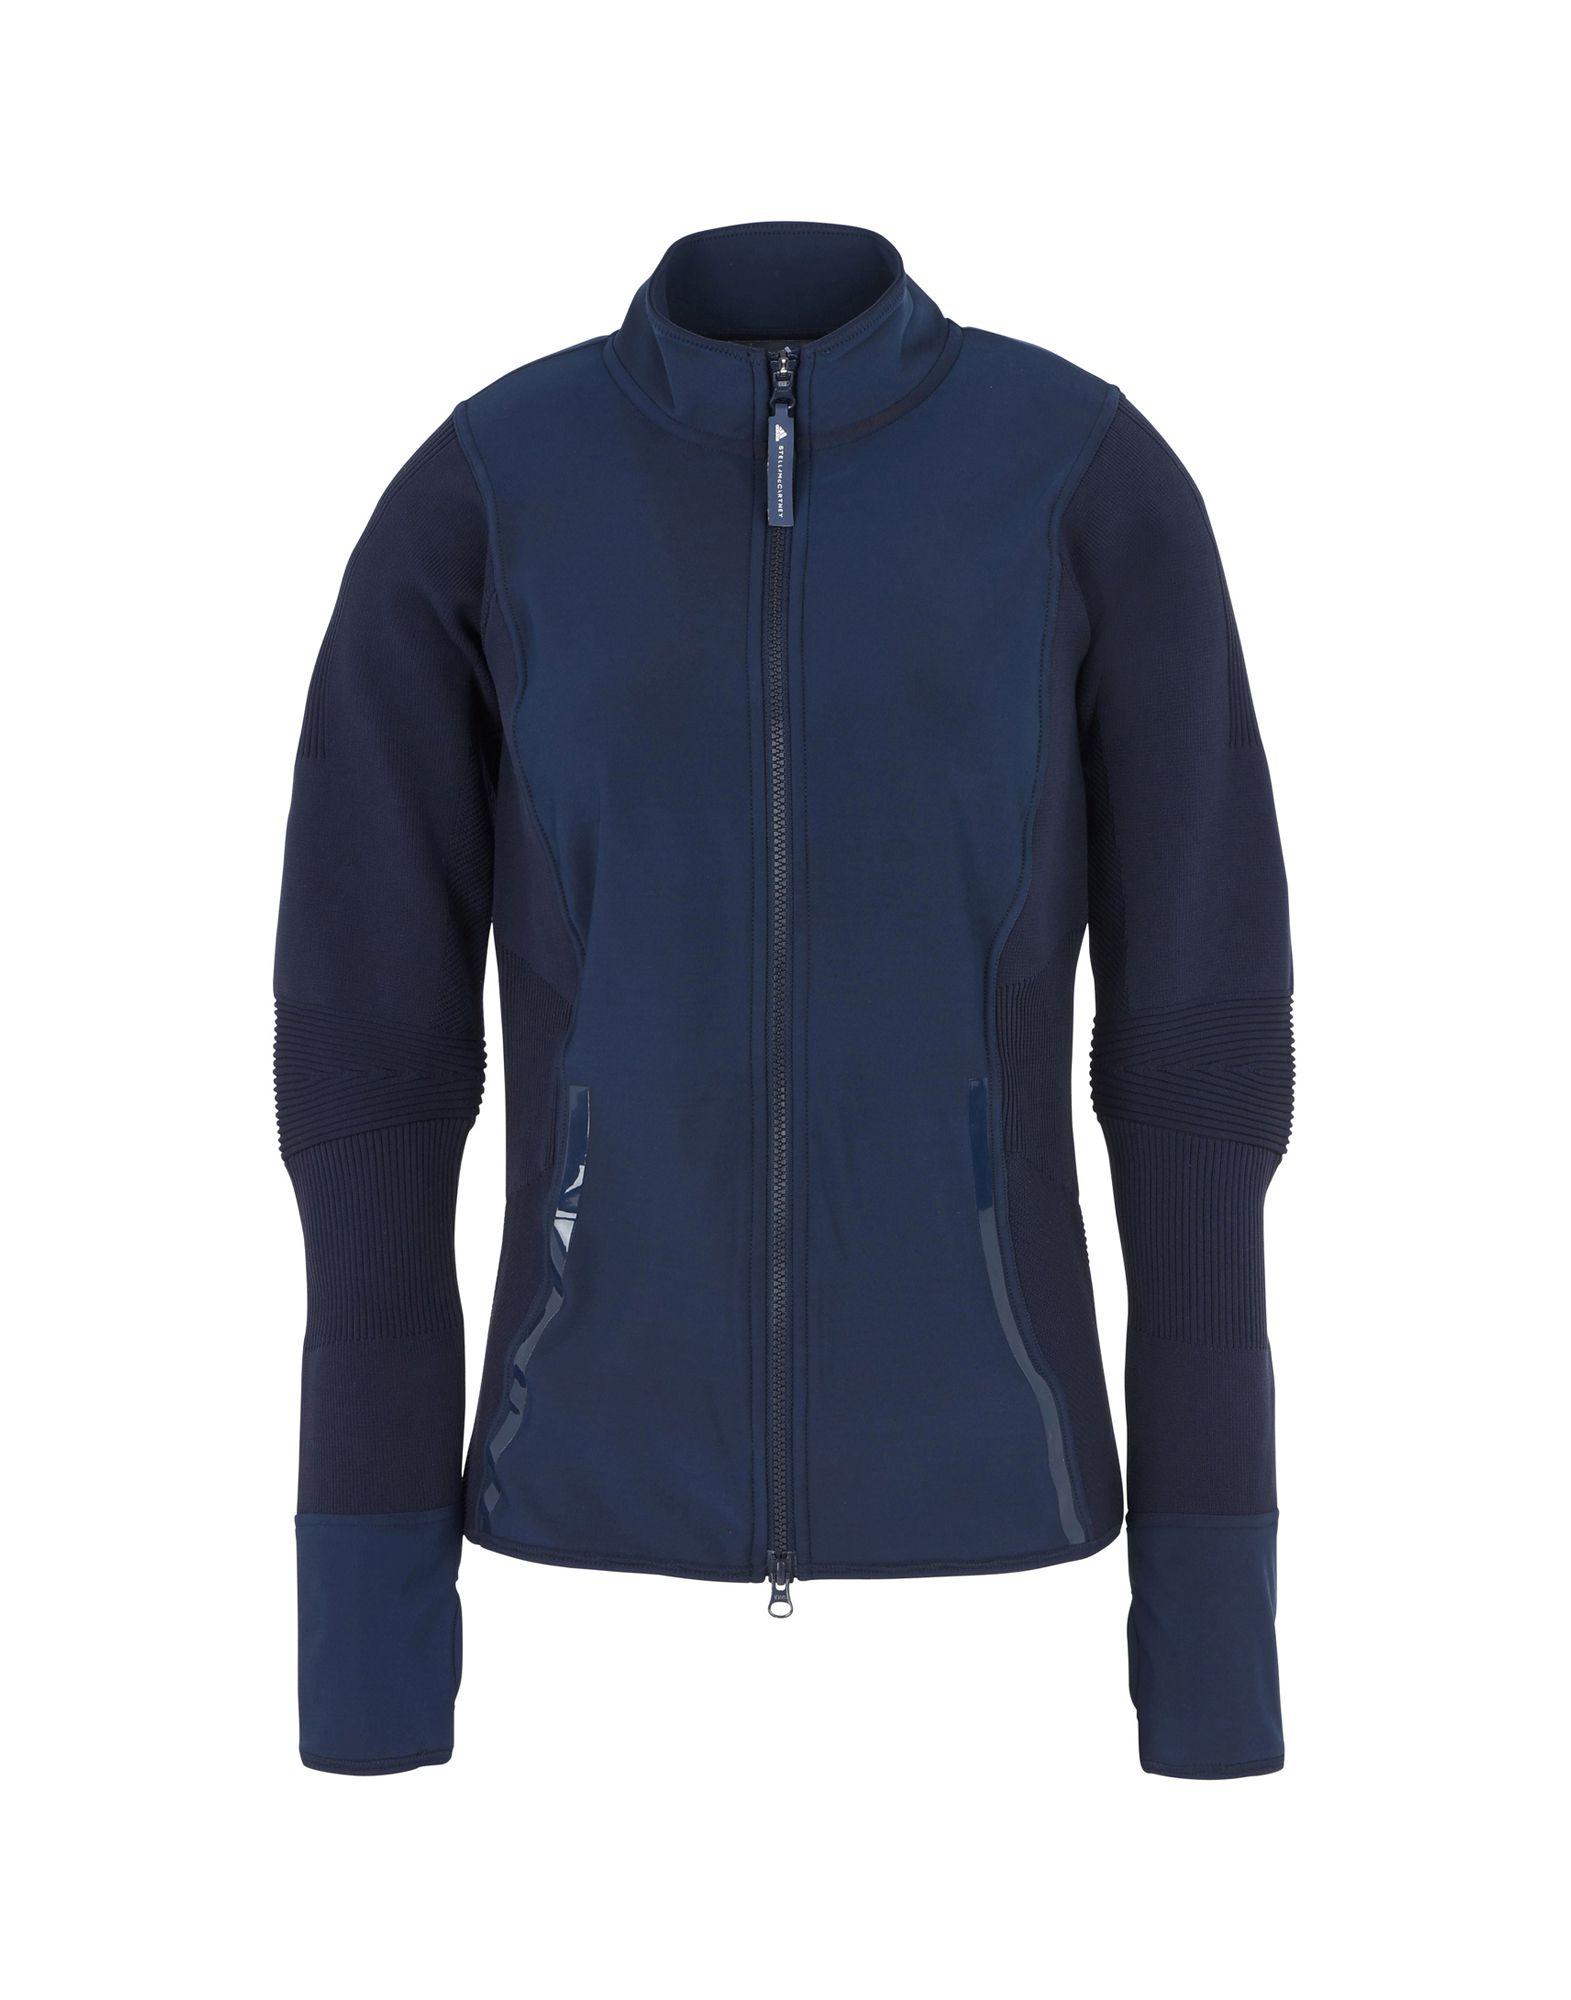 Felpa Adidas By Stella Mccartney Run Knit Ml - Donna - Acquista online su G1anes